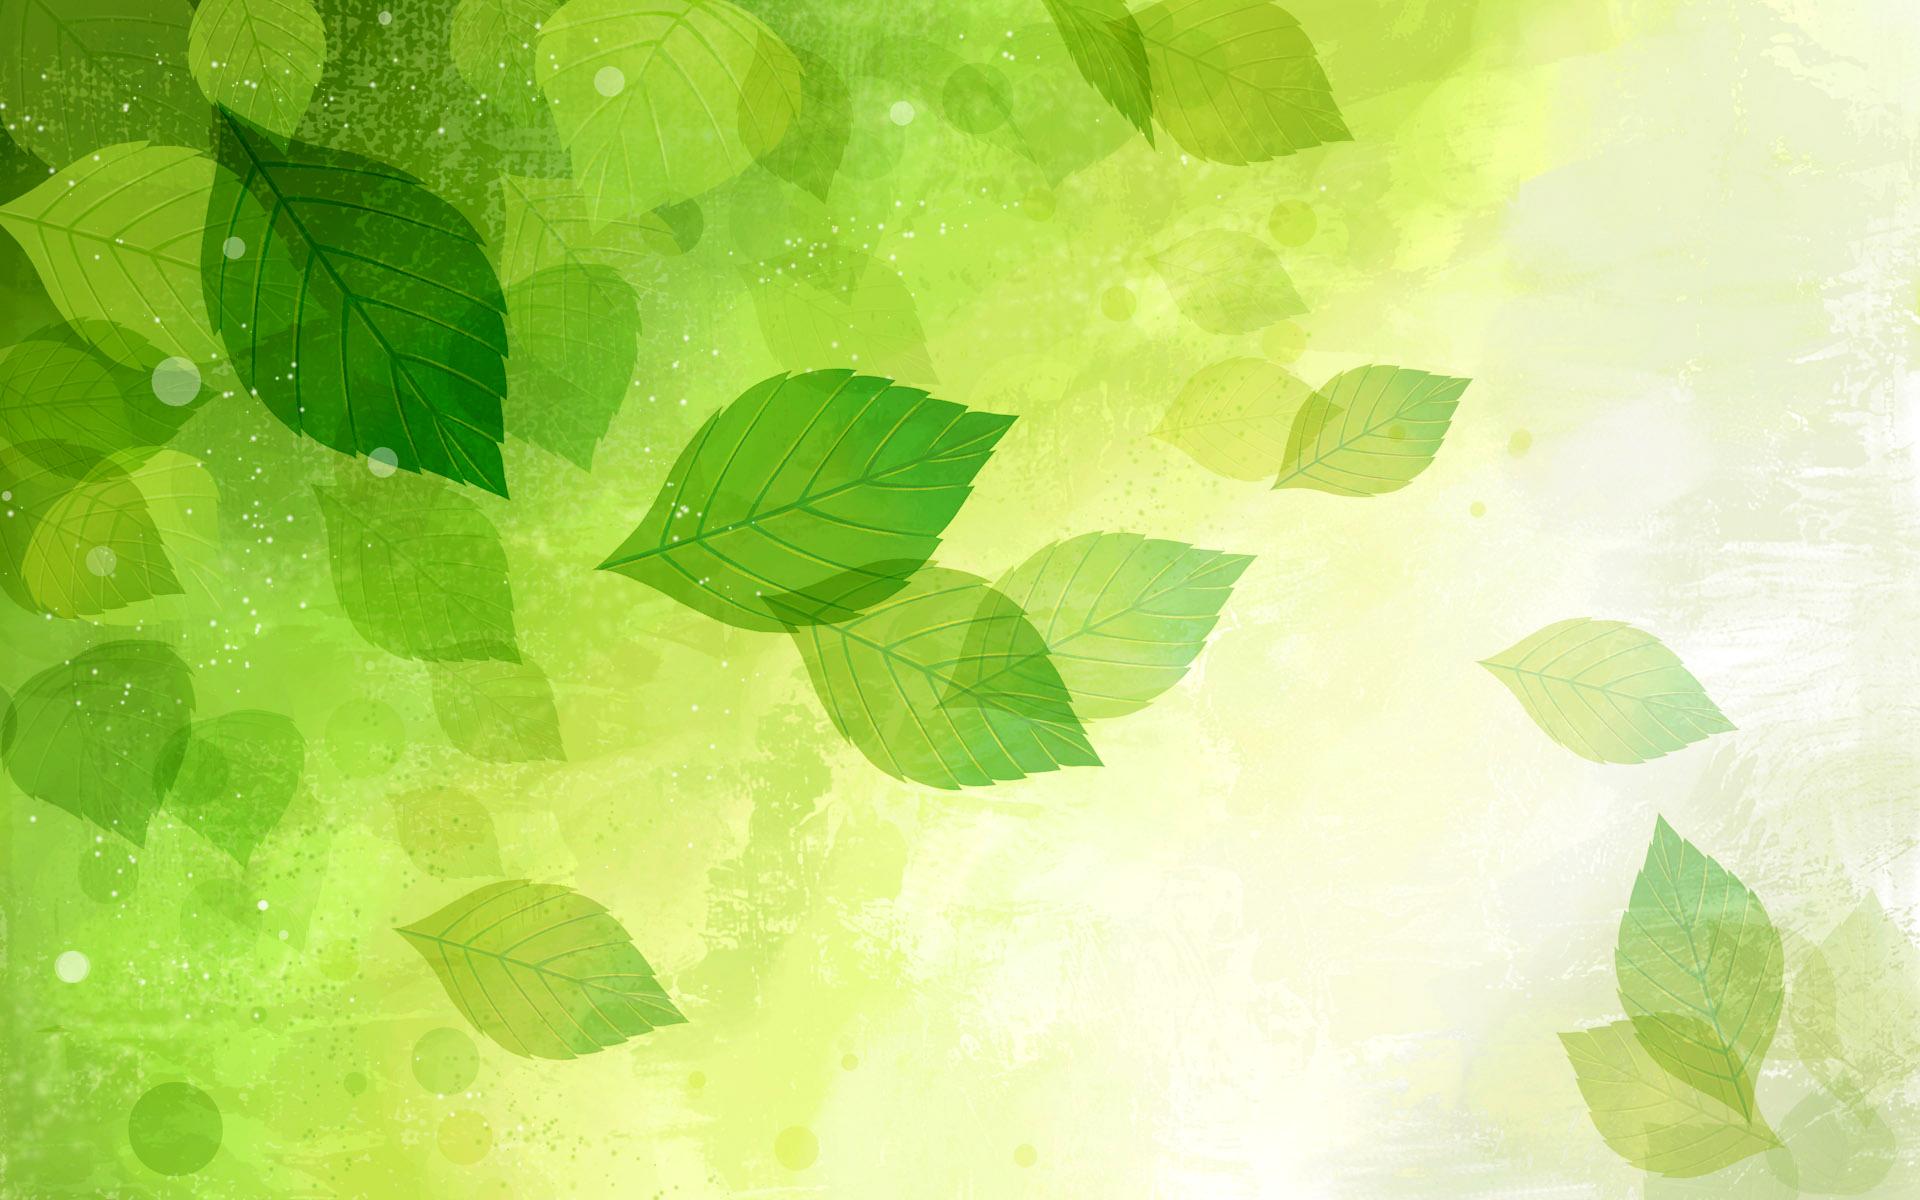 Желто-зеленые листки  № 3114849 загрузить